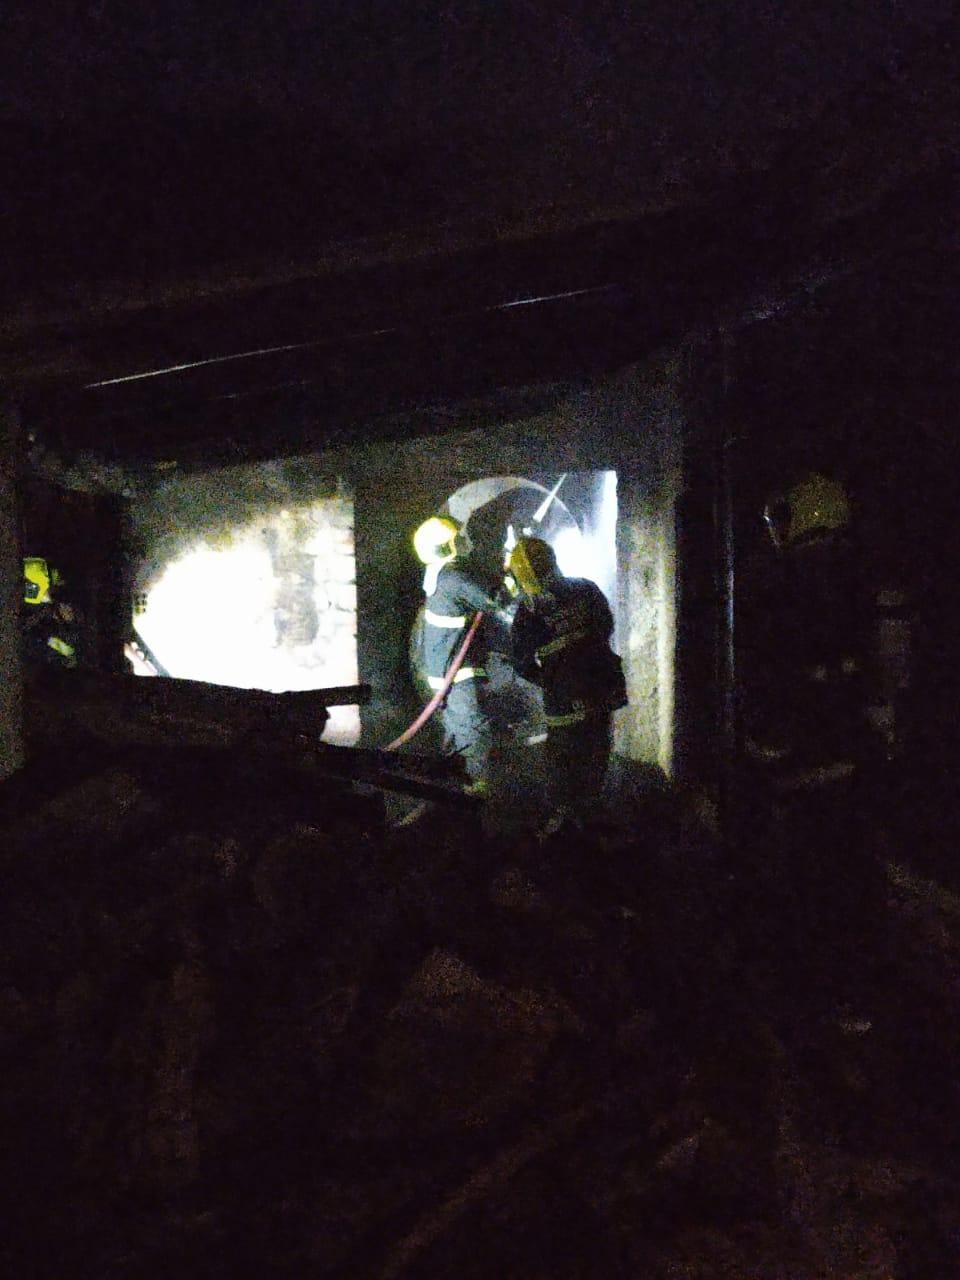 Bombeiros controlaram as chamas 30 minutos depois de iniciar o combate - Corpo de Bombeiros/Divulgação